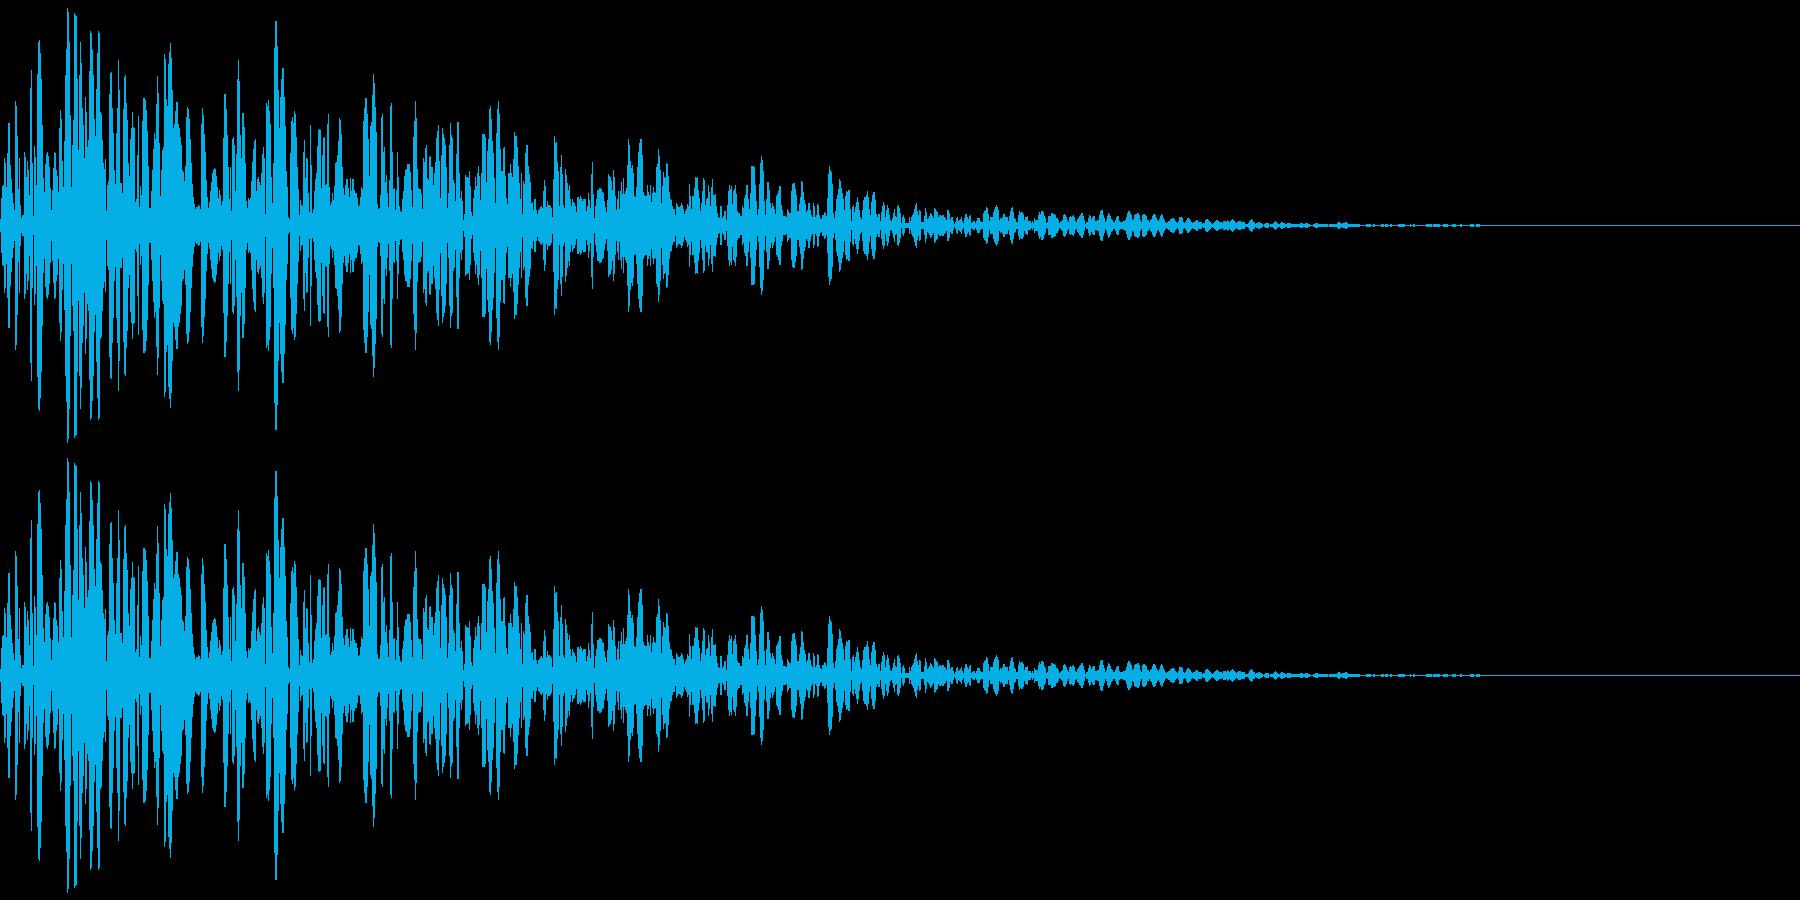 ドスン:巨人やロボットの足音の再生済みの波形